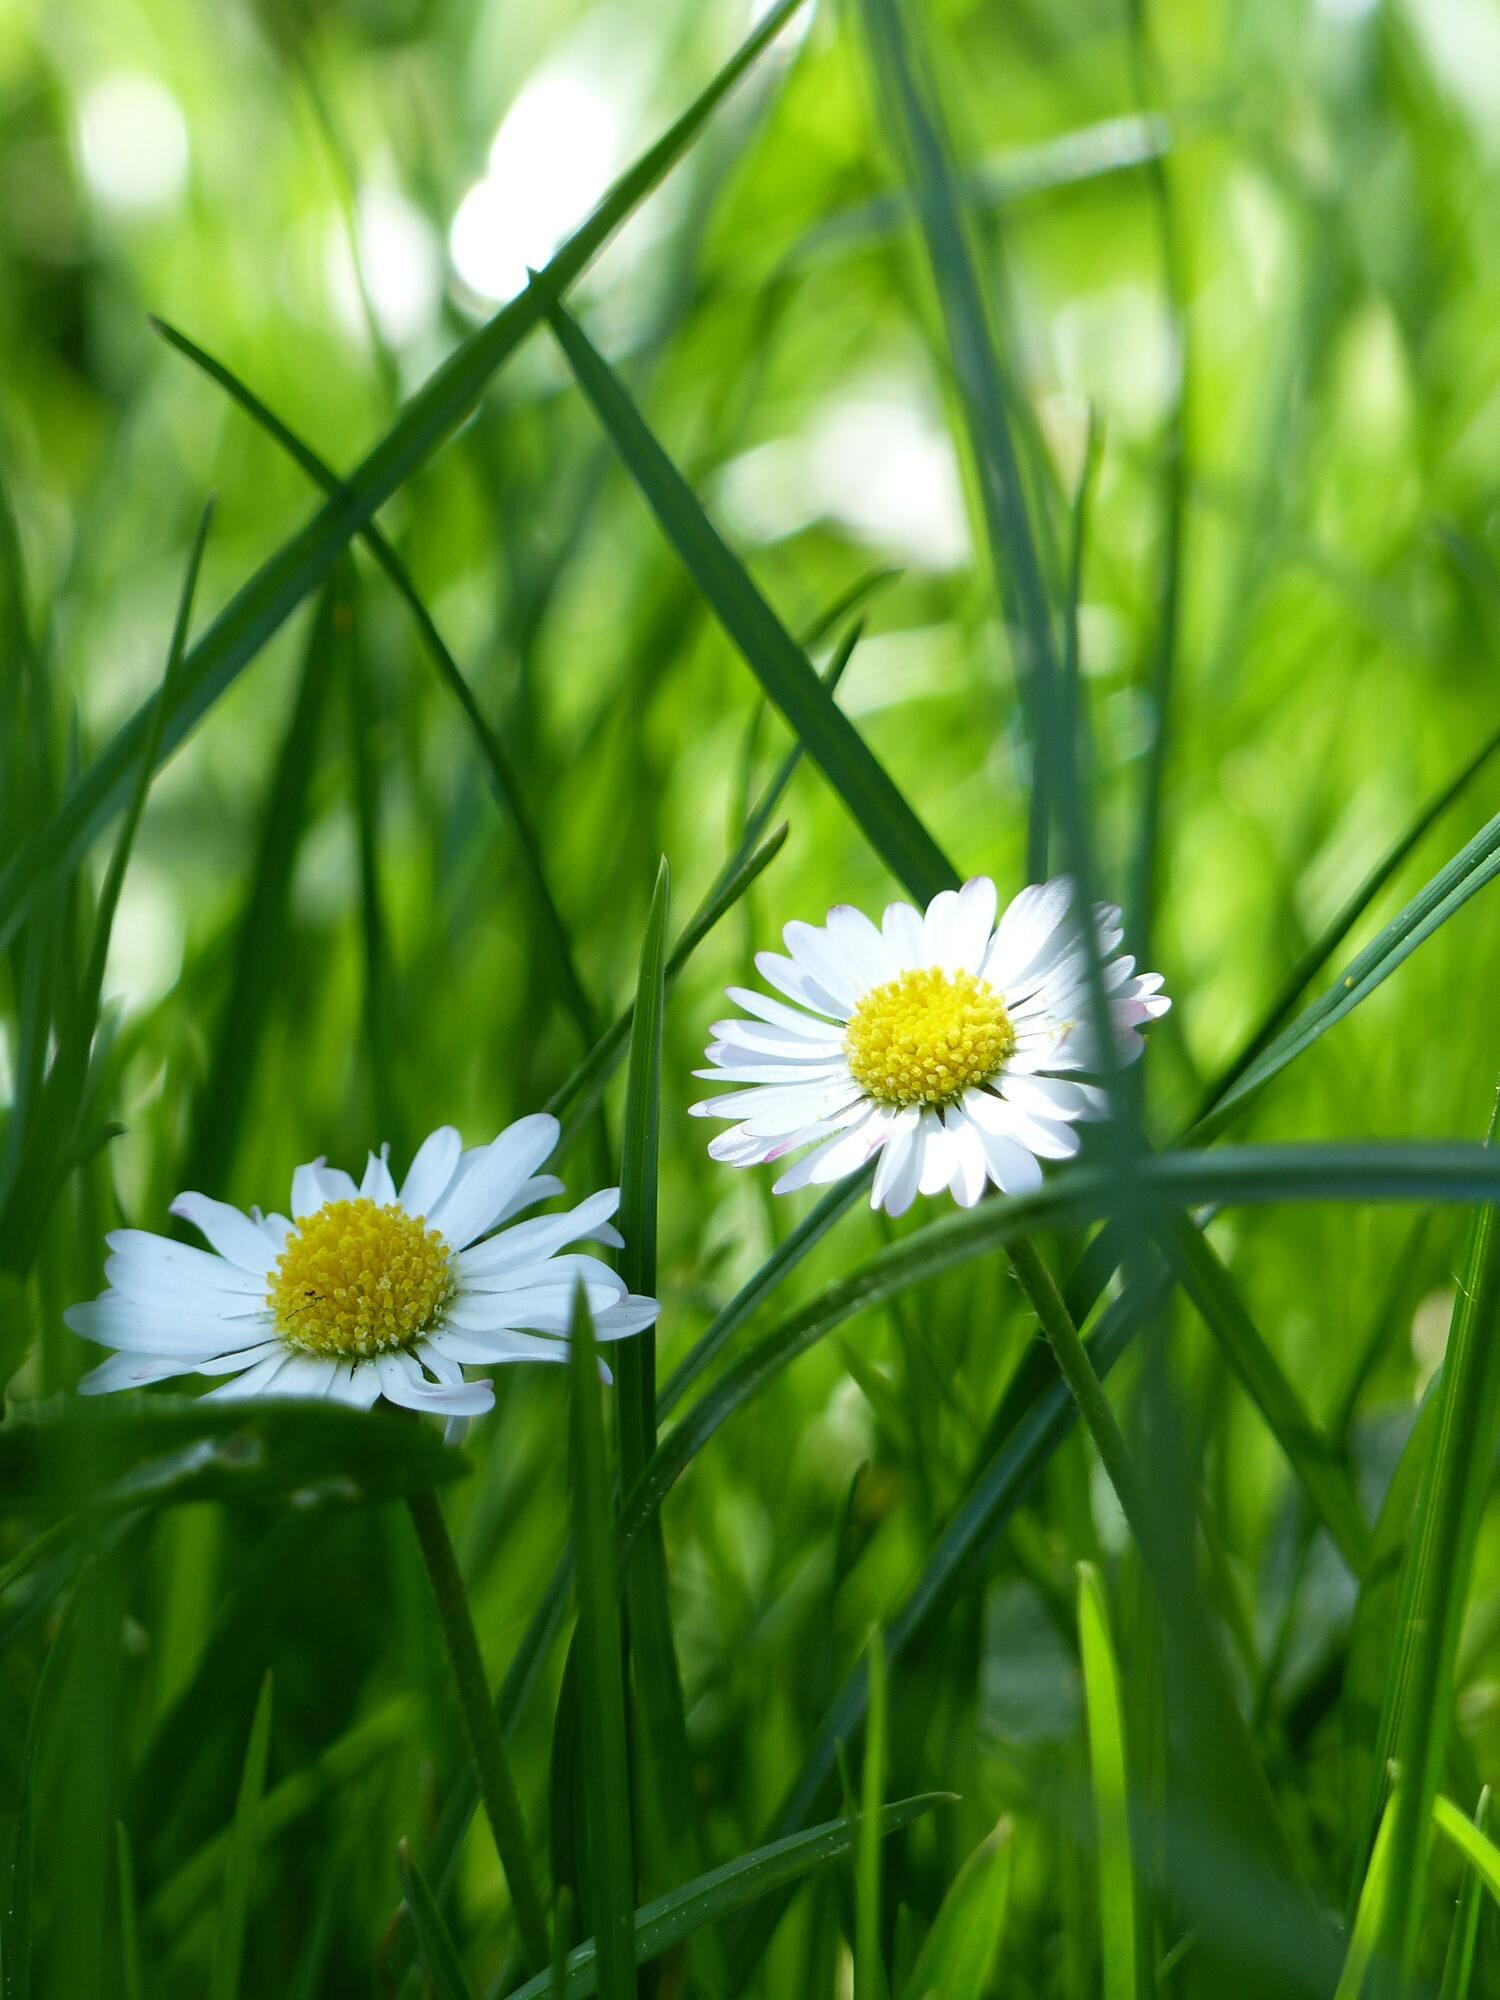 Hình ảnh bông hoa cúc dại cực đẹp